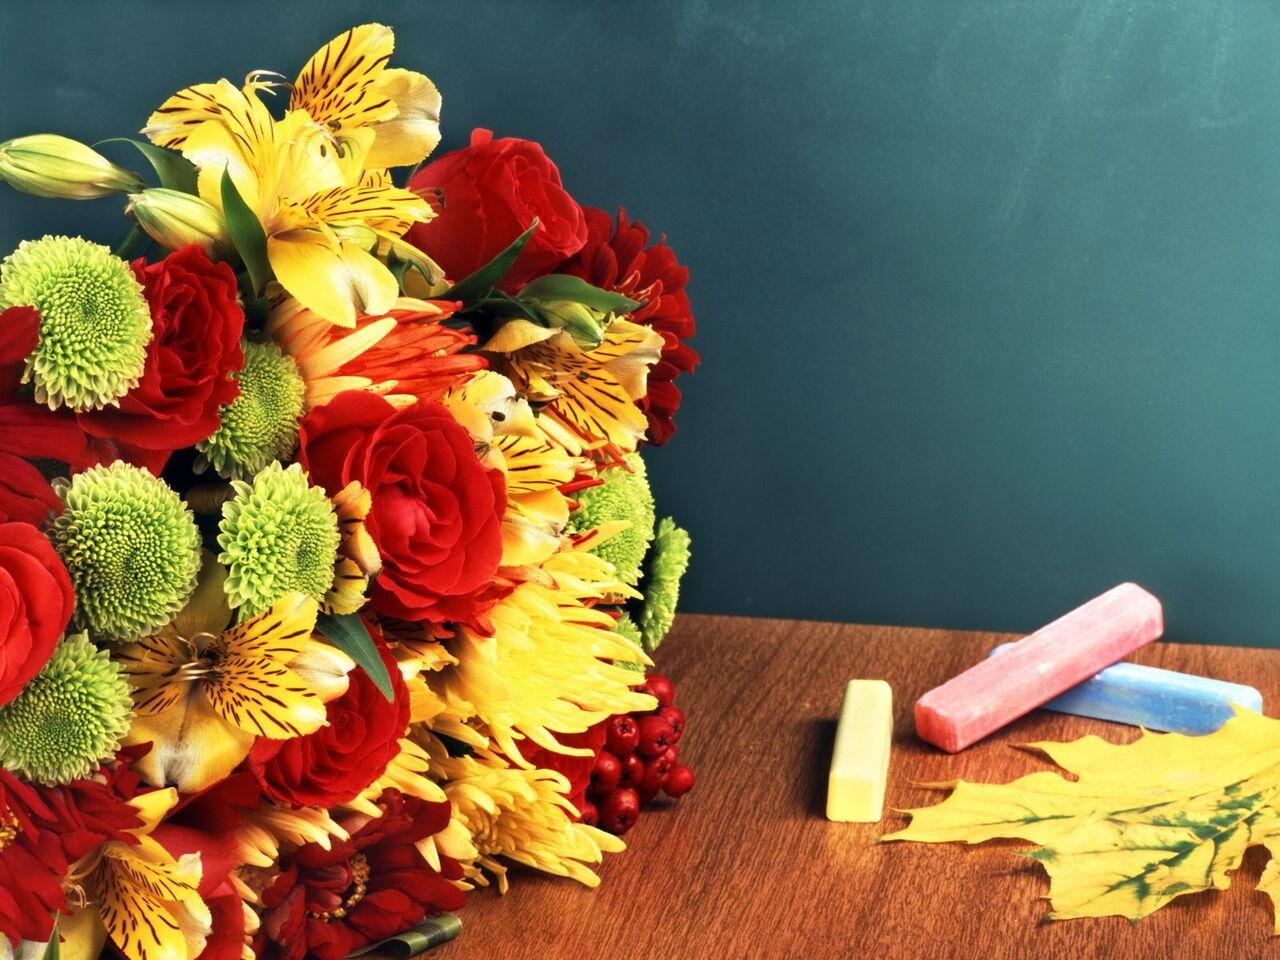 Поздравления с днем рождения учителю/учительнице - Поздравок 15